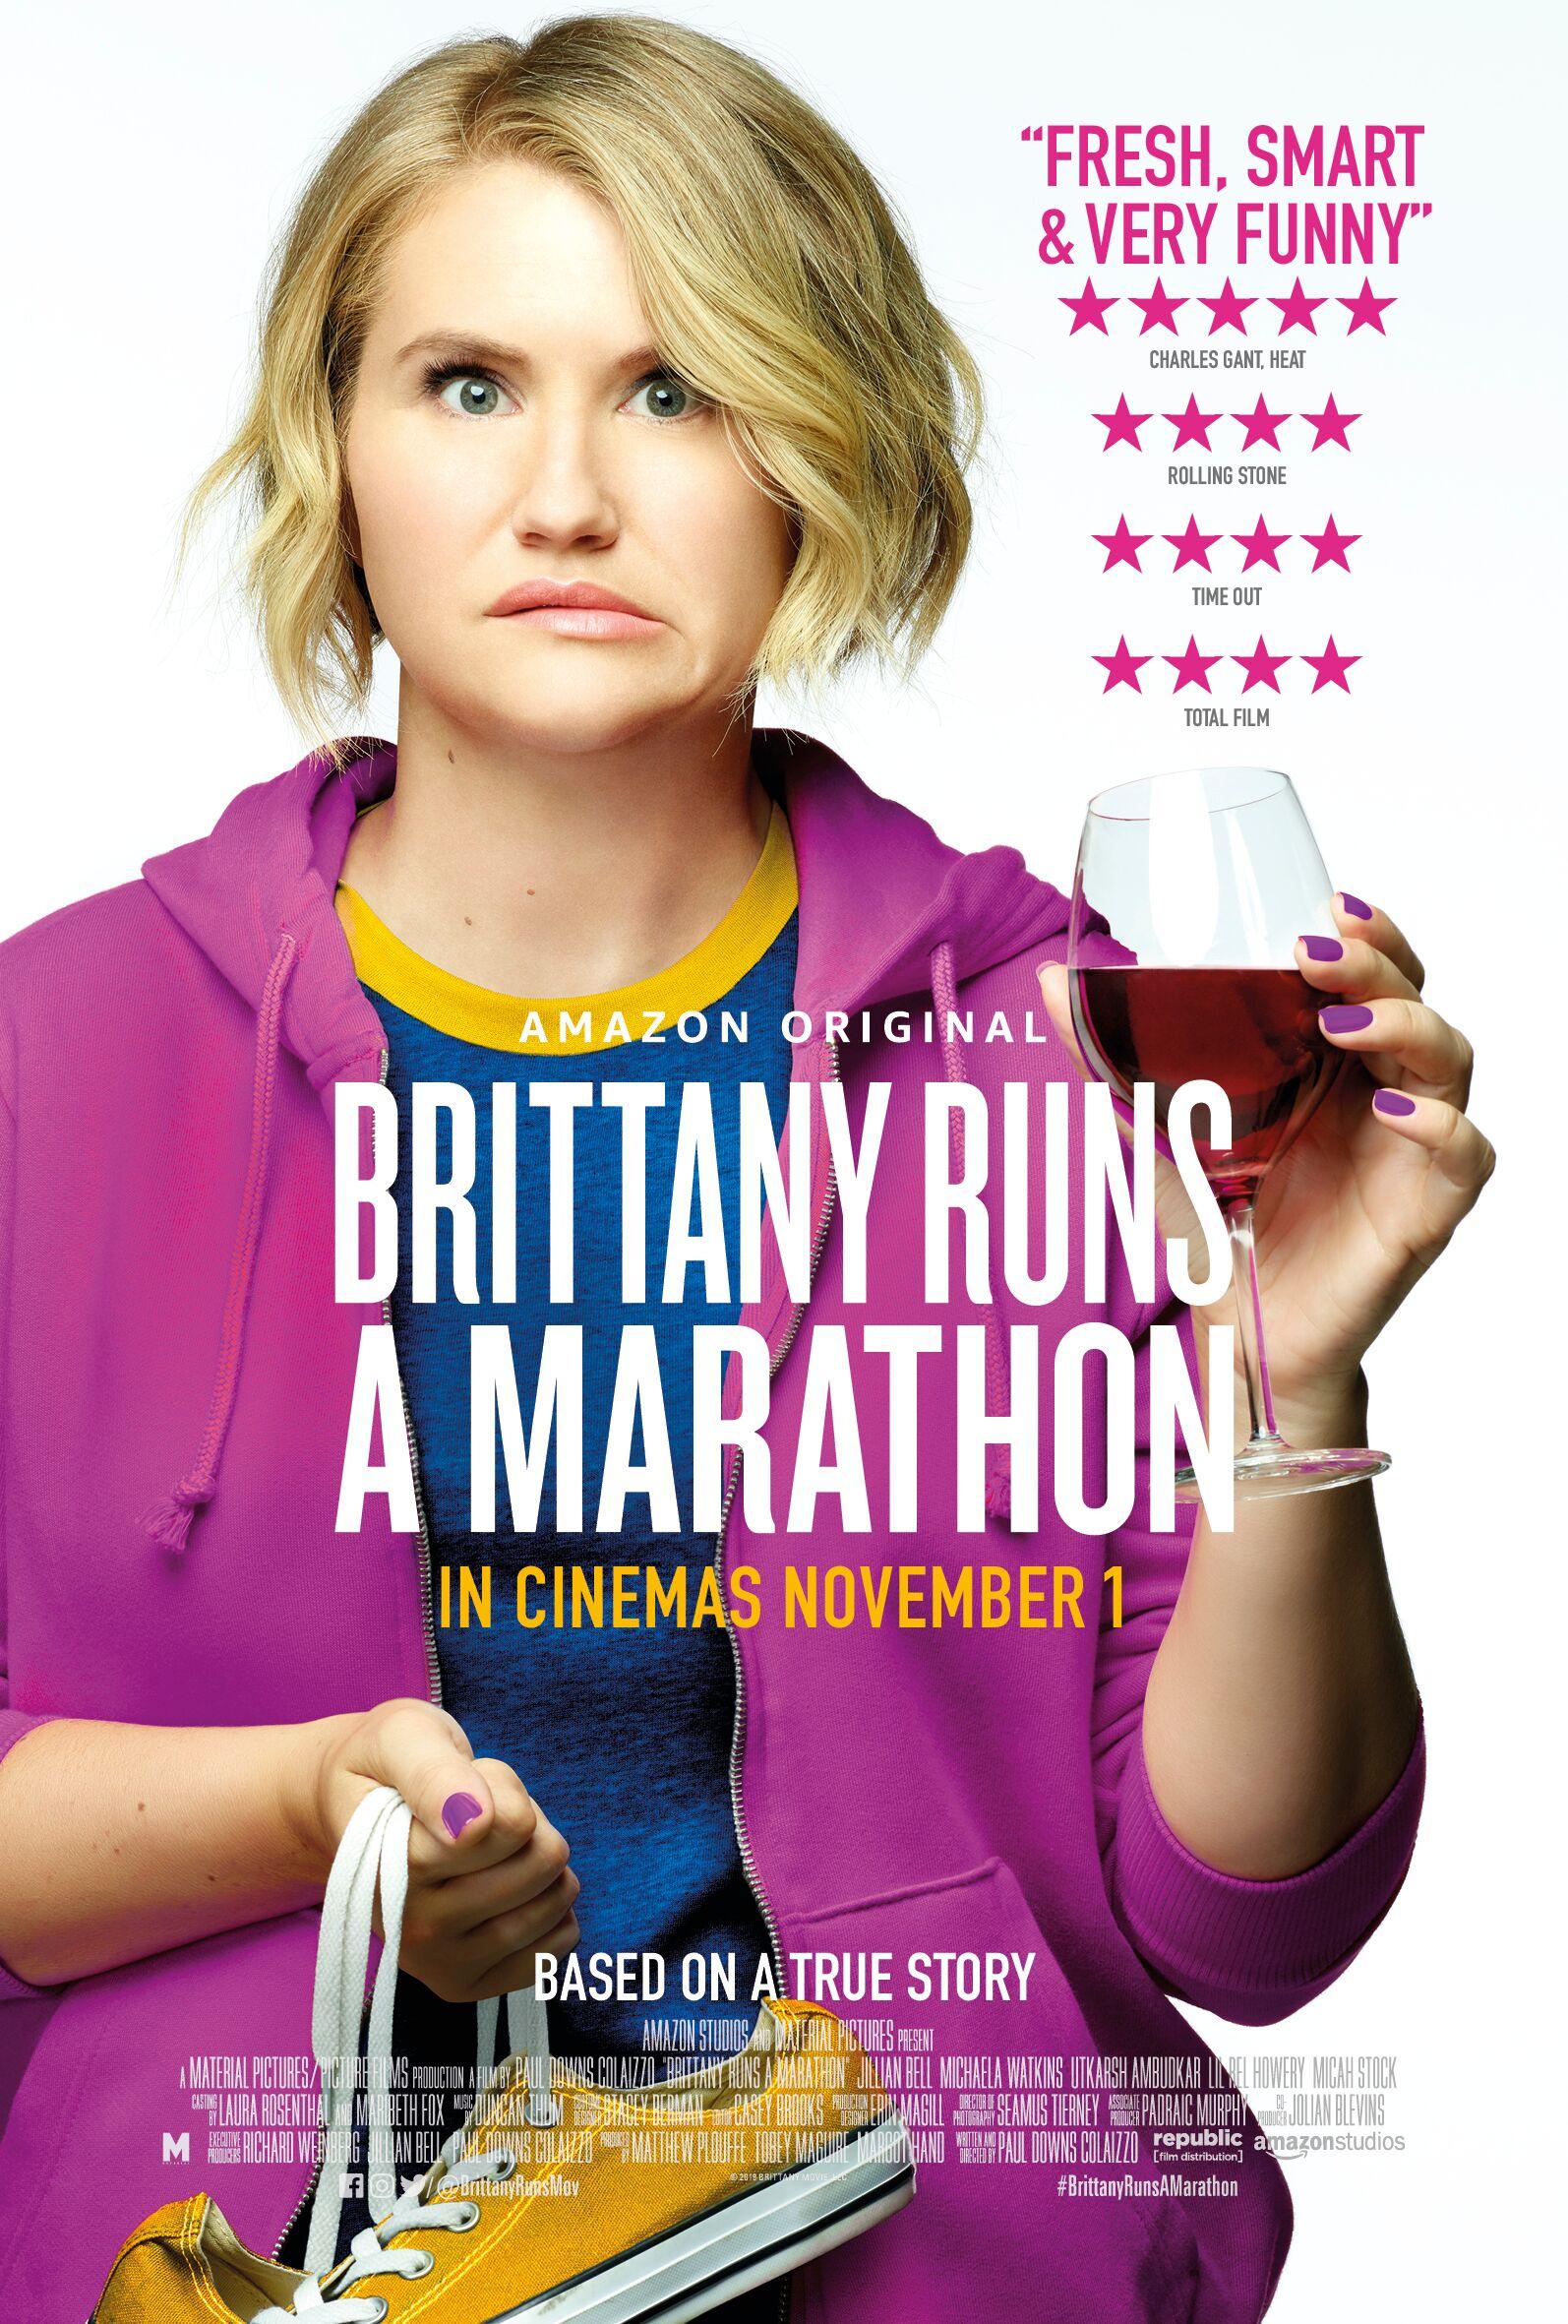 Brittany Runs A Marathon (Insider Screening)